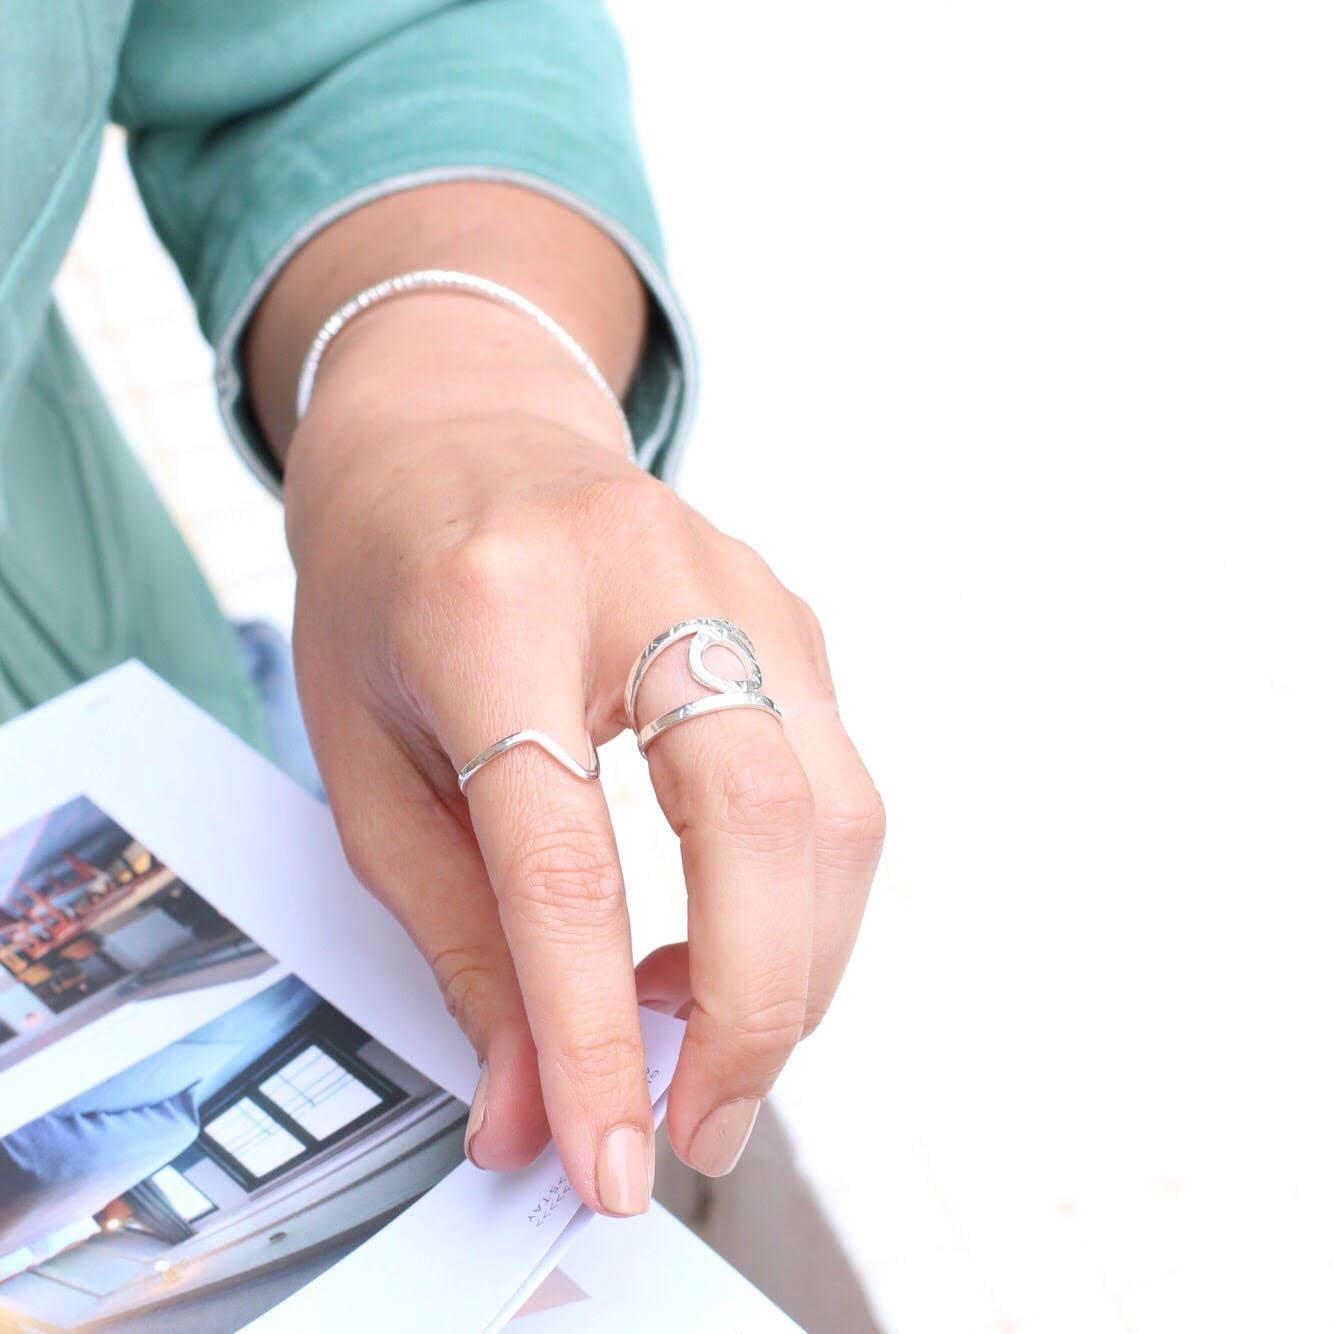 anillo de plata para mujer diseñado con círculo en el centro, joyas artesanales, joyas para regalar, marteliè barcelona, joyasmarket